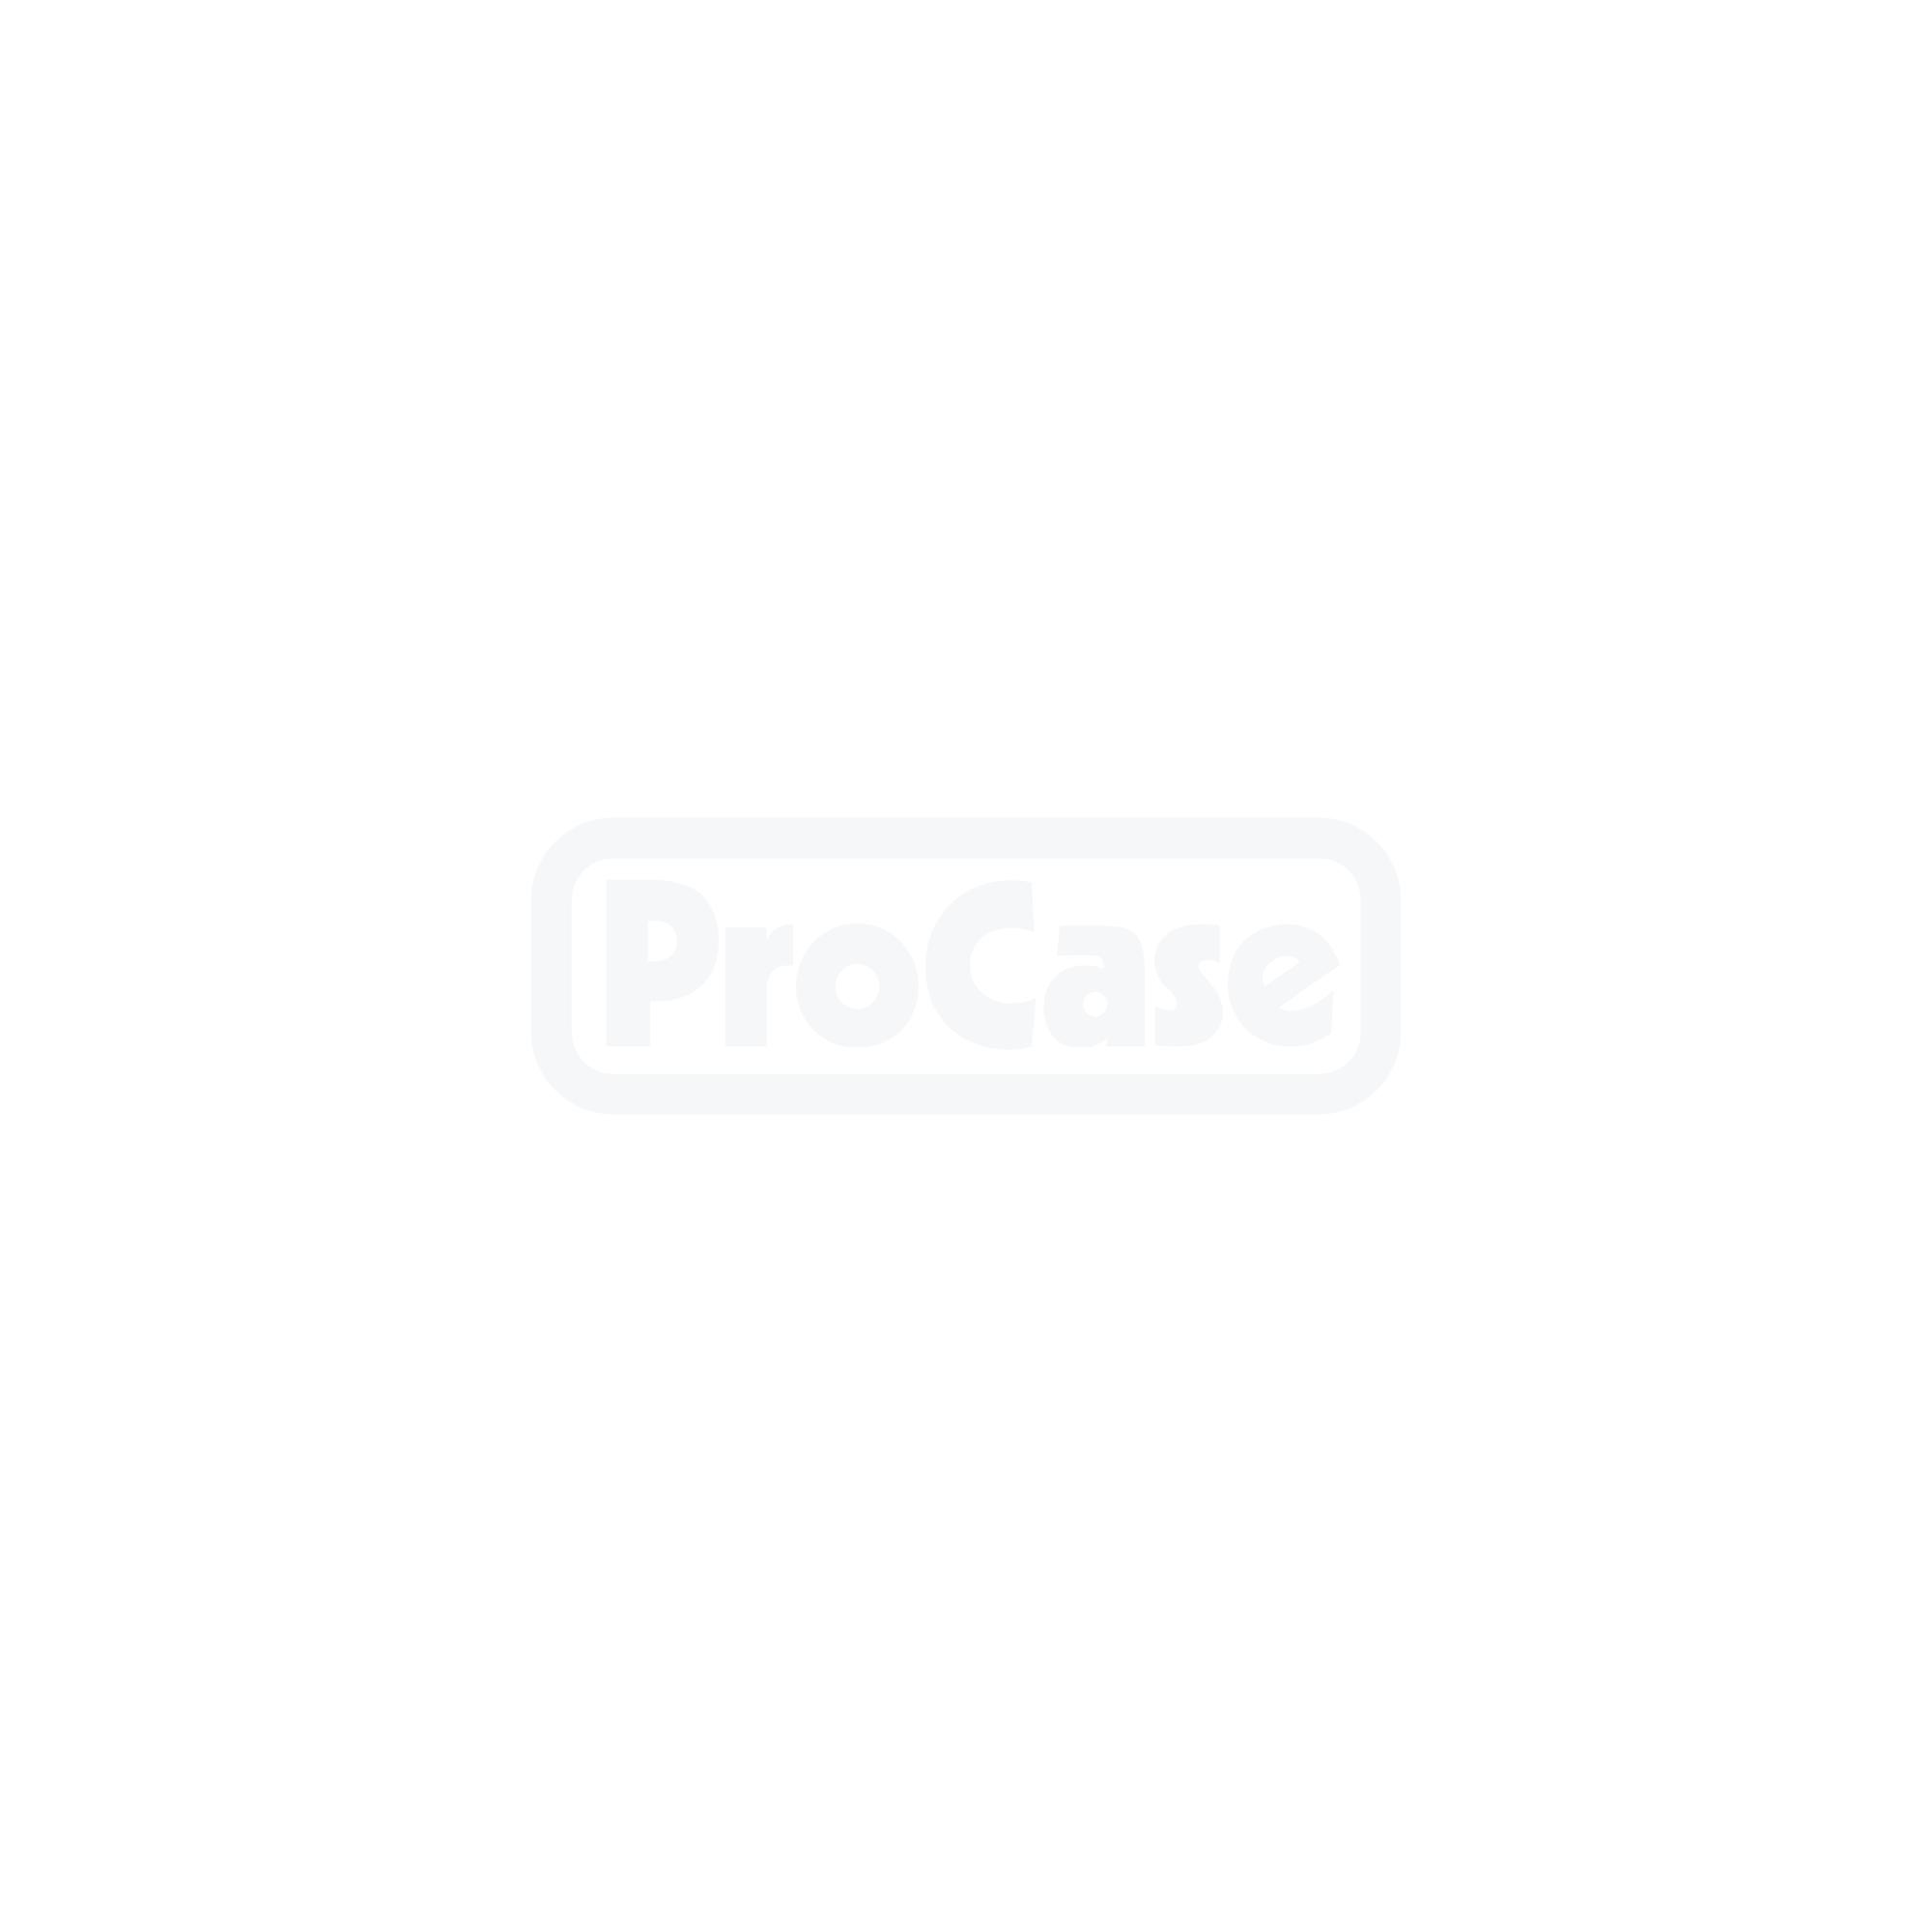 Flightcase Truhe für 1 St. Chainmaster BGV-C1 500kg